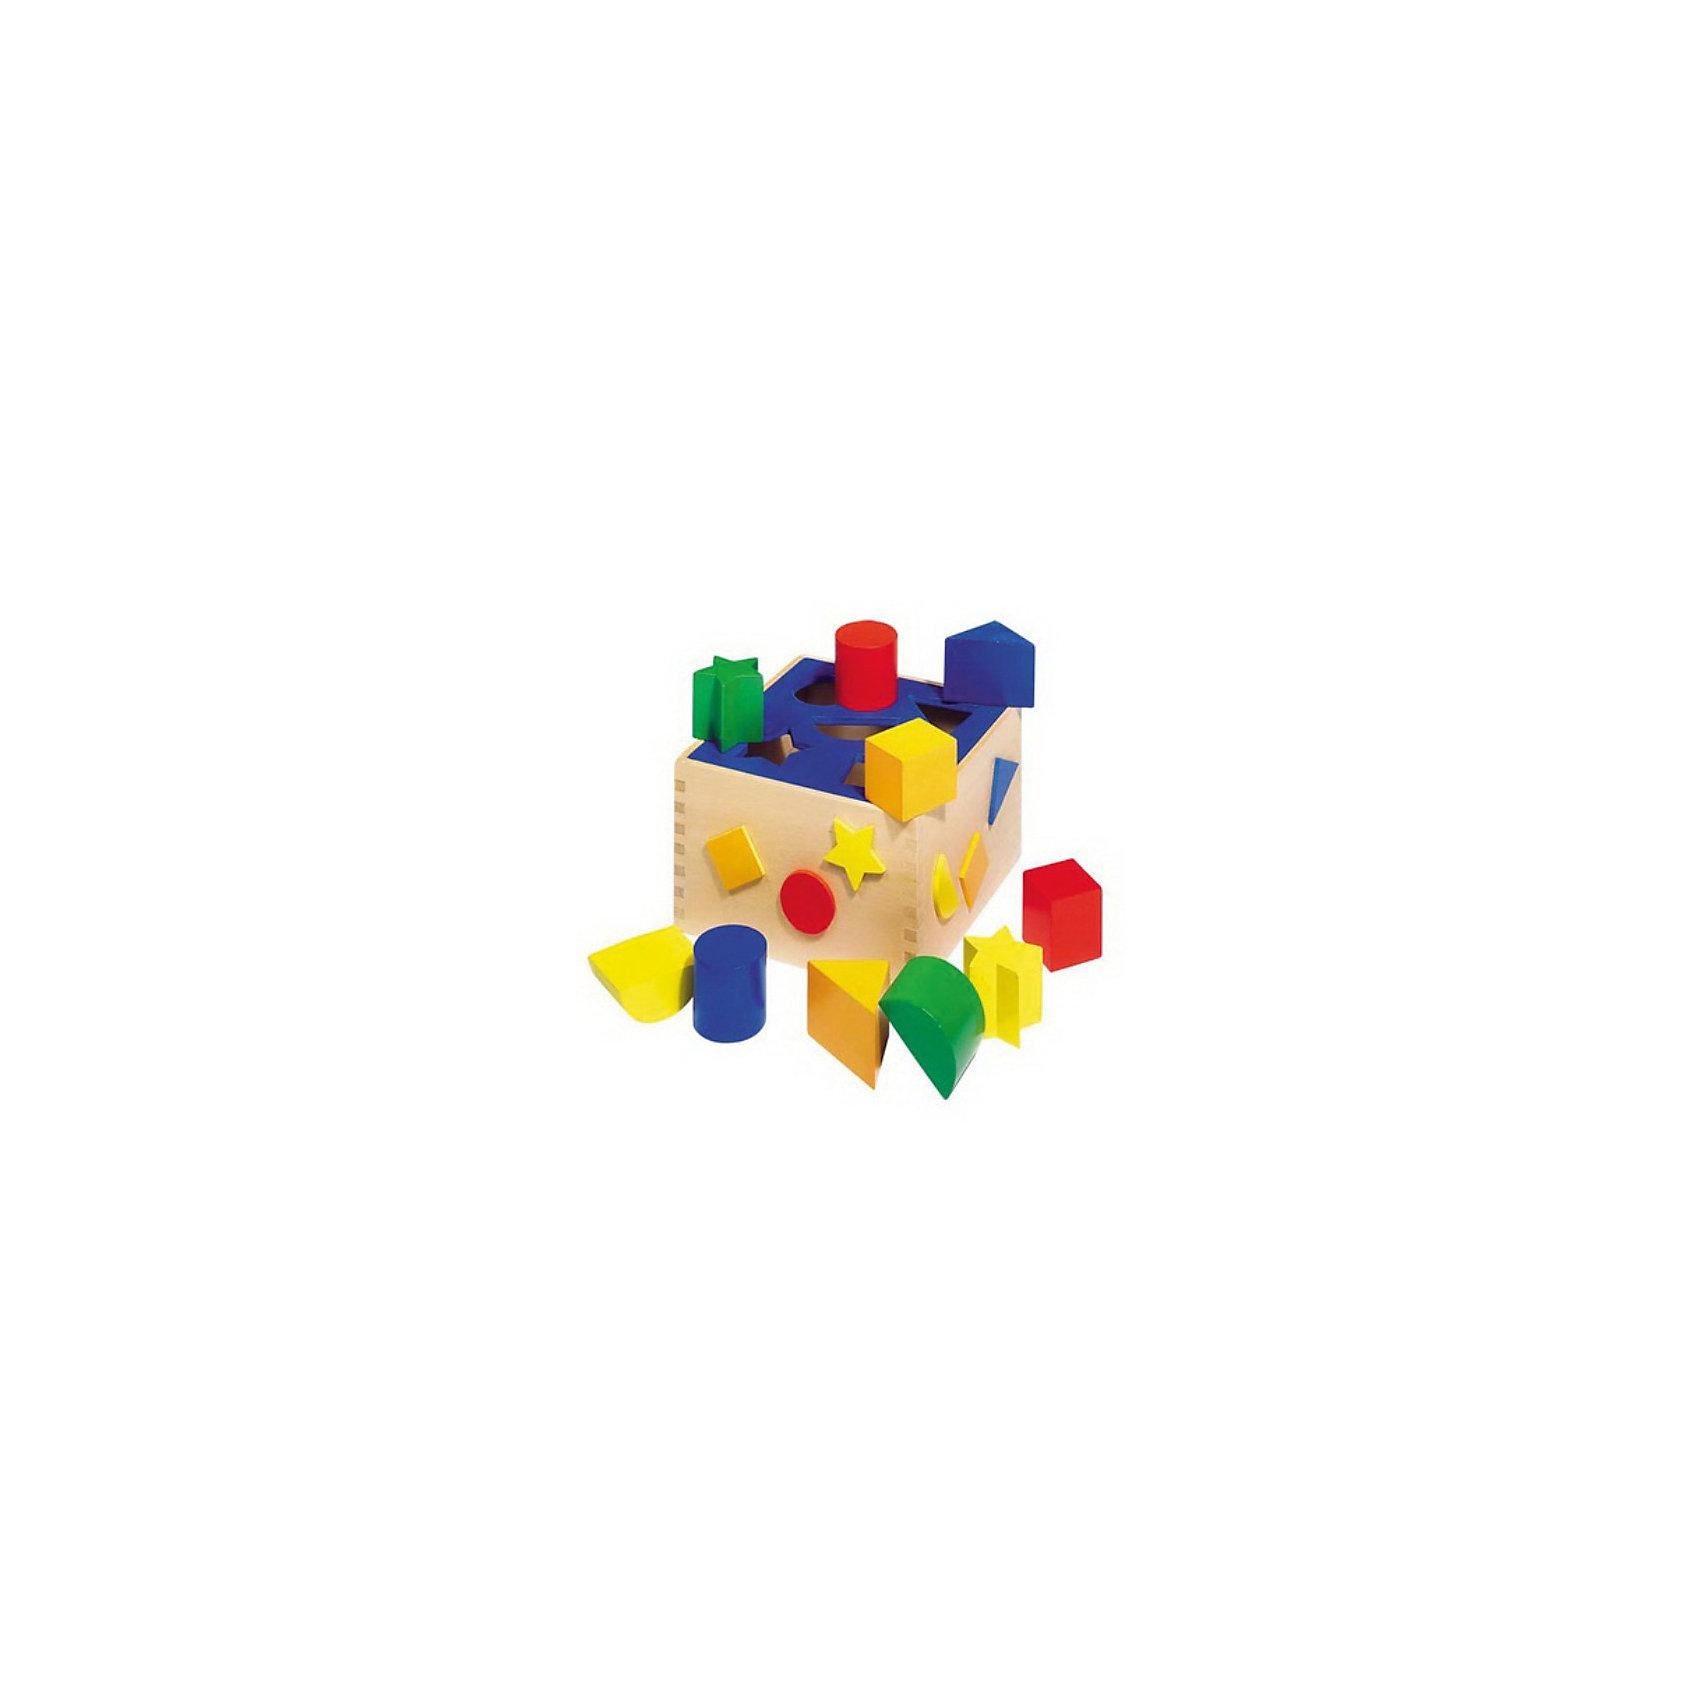 Сортировщик, gokiДеревянные игрушки<br>Сортировщик GOKI представляет собой деревянный ящичек со съемной синей крышкой. В крышечке имеются отверстия для различных фигур: треугольника, цилиндра, прямоугольника, звездочки и полукруга. У каждой фигуры есть пара другого цвета. <br> <br>Вашему ребенку предстоит подобрать для каждой фигурки нужное отверстие и бросить ее в ящичек. Таким образом малыш выучит основные формы и цвета предметов.<br><br>На боковинах ящичка также наклеены разноцветные геометрические фигуры. В ящике можно хранить фигурки и другие игрушки. <br><br>В процессе игры ребенок развивает логику, пространственное мышление, мелкую моторику пальцев и рук, знакомится с понятиями цвета и формы.<br><br><br>Дополнительная информация:<br><br>- Материал: дерево<br>- Вес: 766 г<br>- Размер игрушки: 16 х 16 х 10 см <br>- Размер упаковки: 17 х 17 х 10,5 см<br><br>Сортировщик фигур GOKI можно купить в нашем интернет-магазине.<br><br>Ширина мм: 160<br>Глубина мм: 160<br>Высота мм: 100<br>Вес г: 820<br>Возраст от месяцев: 12<br>Возраст до месяцев: 36<br>Пол: Унисекс<br>Возраст: Детский<br>SKU: 3383208